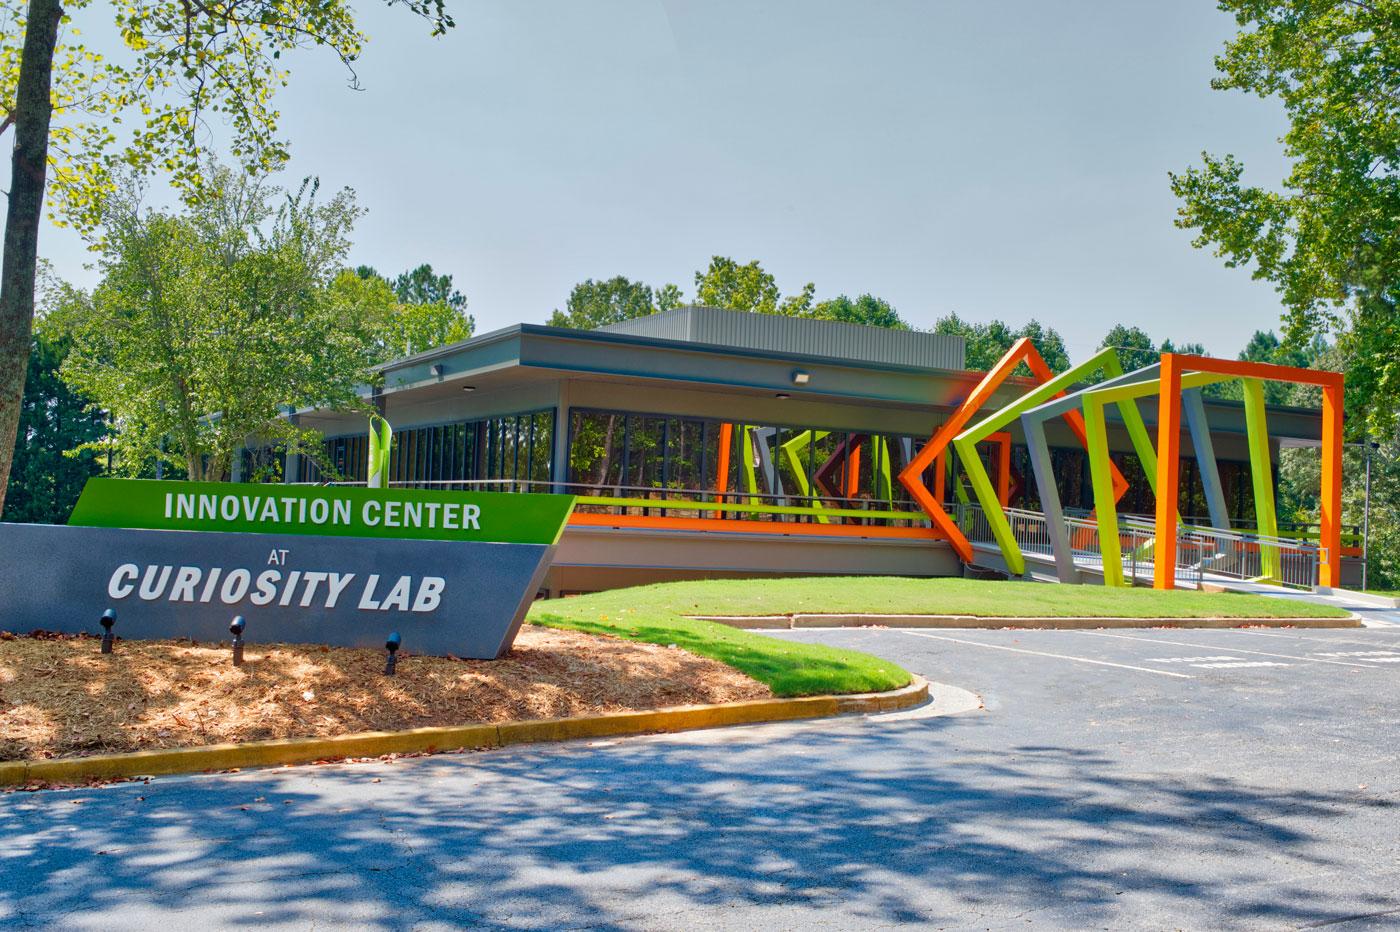 Exterior of Innovation Center